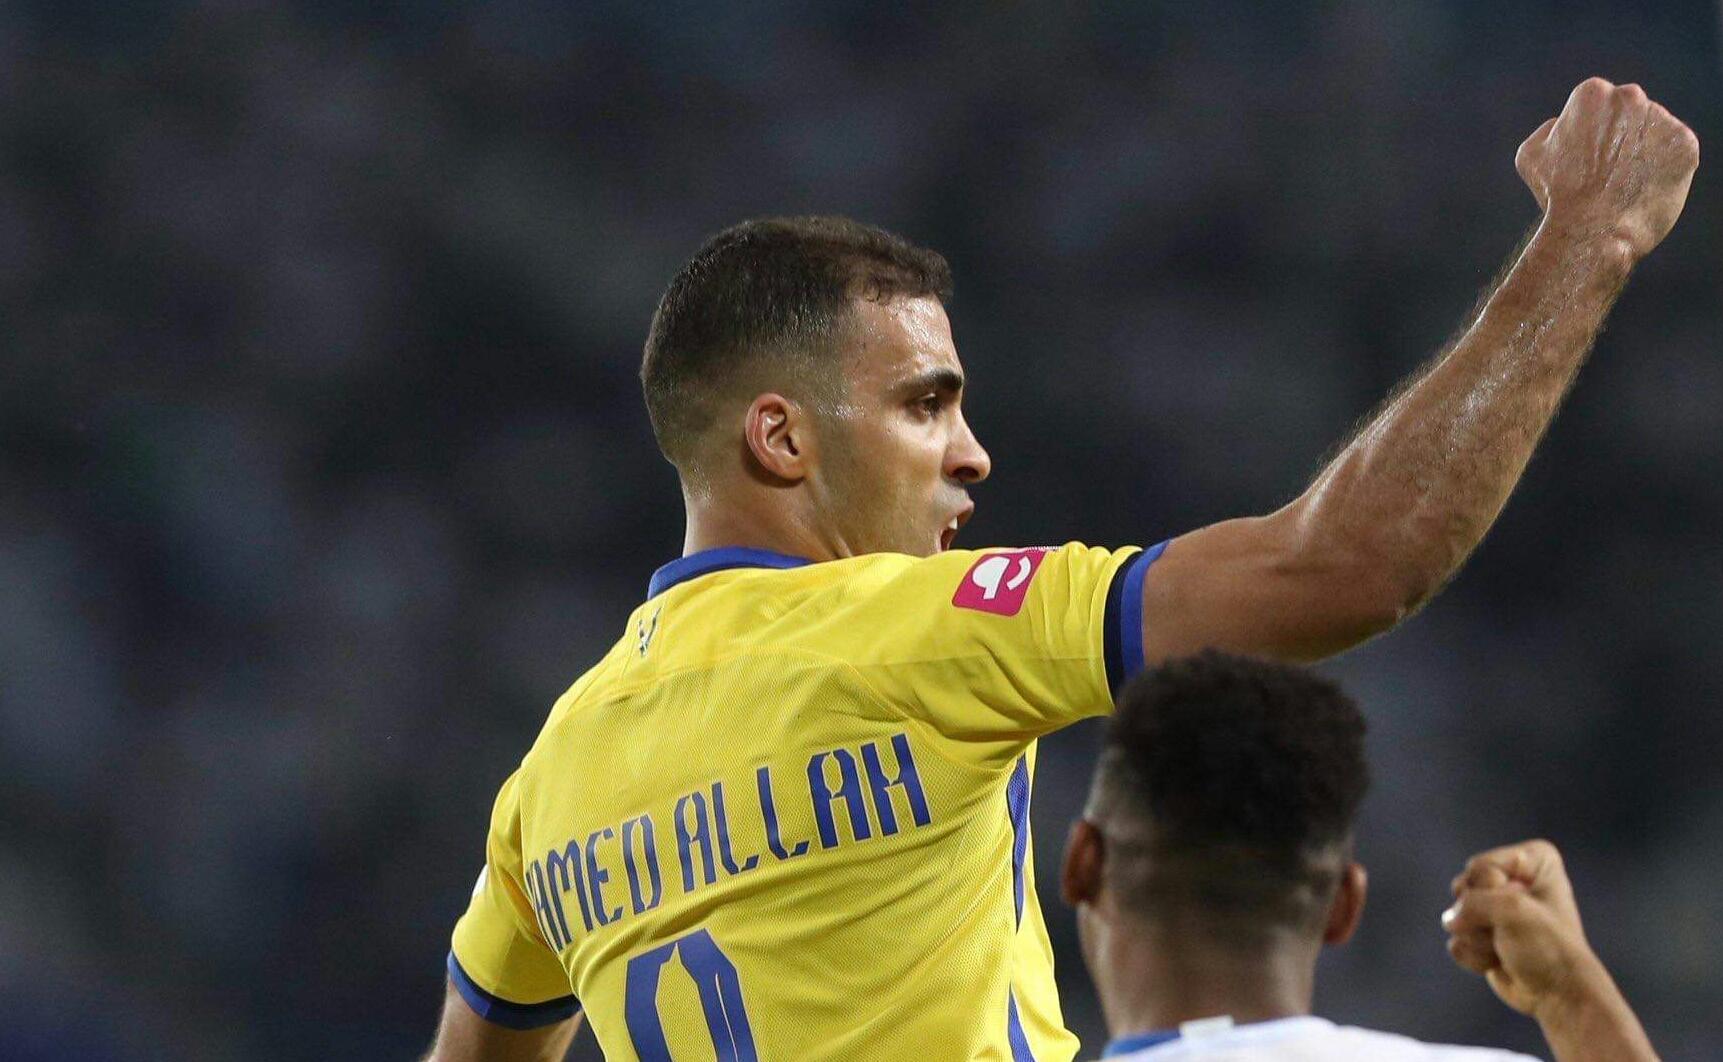 حمد الله أفضل لاعب في الجولة الثالثة بدور المجموعات دوري أبطال آسيا